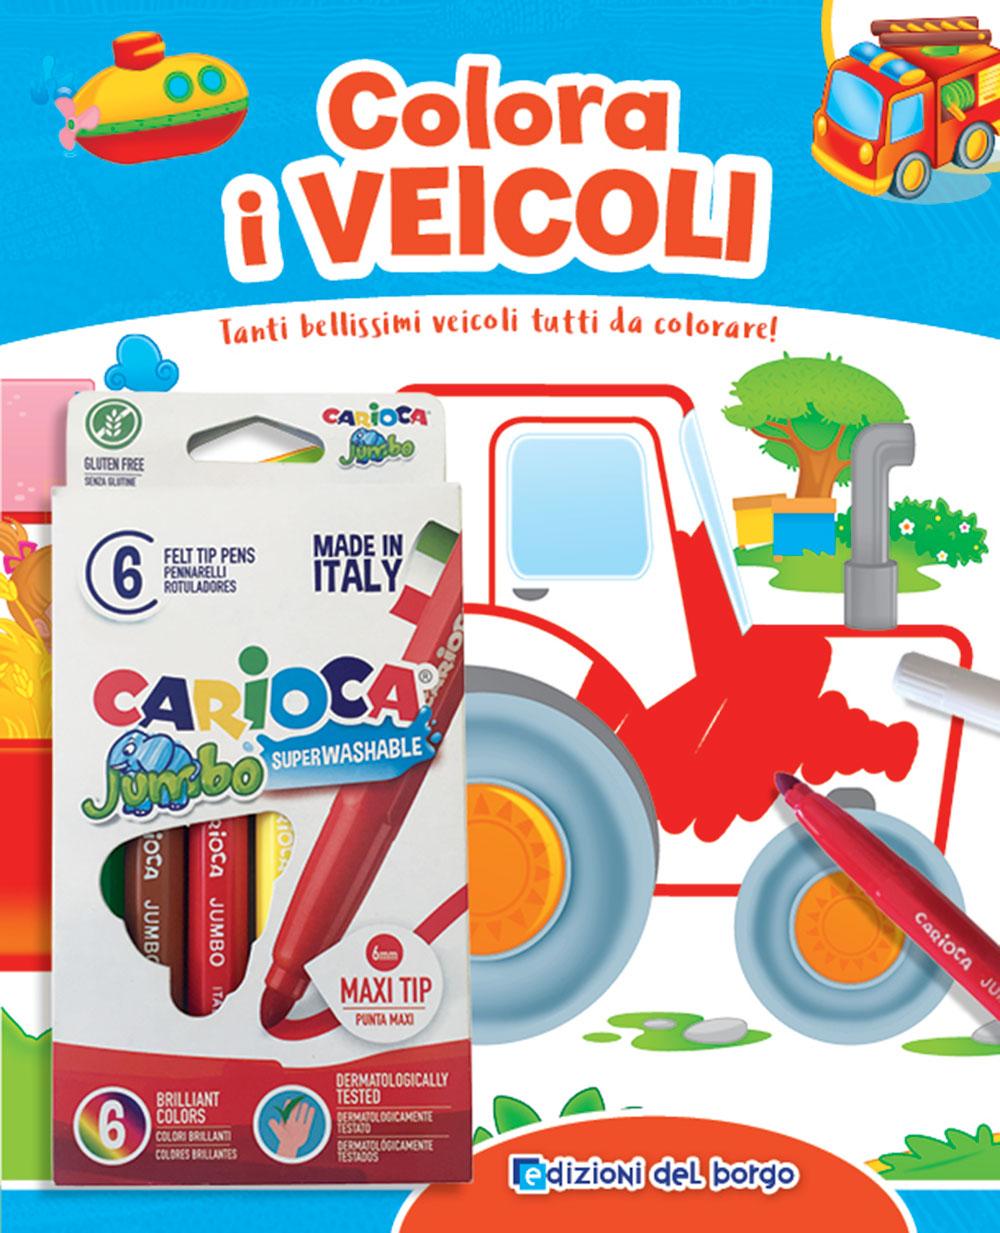 Colora i veicoli + pennarelli